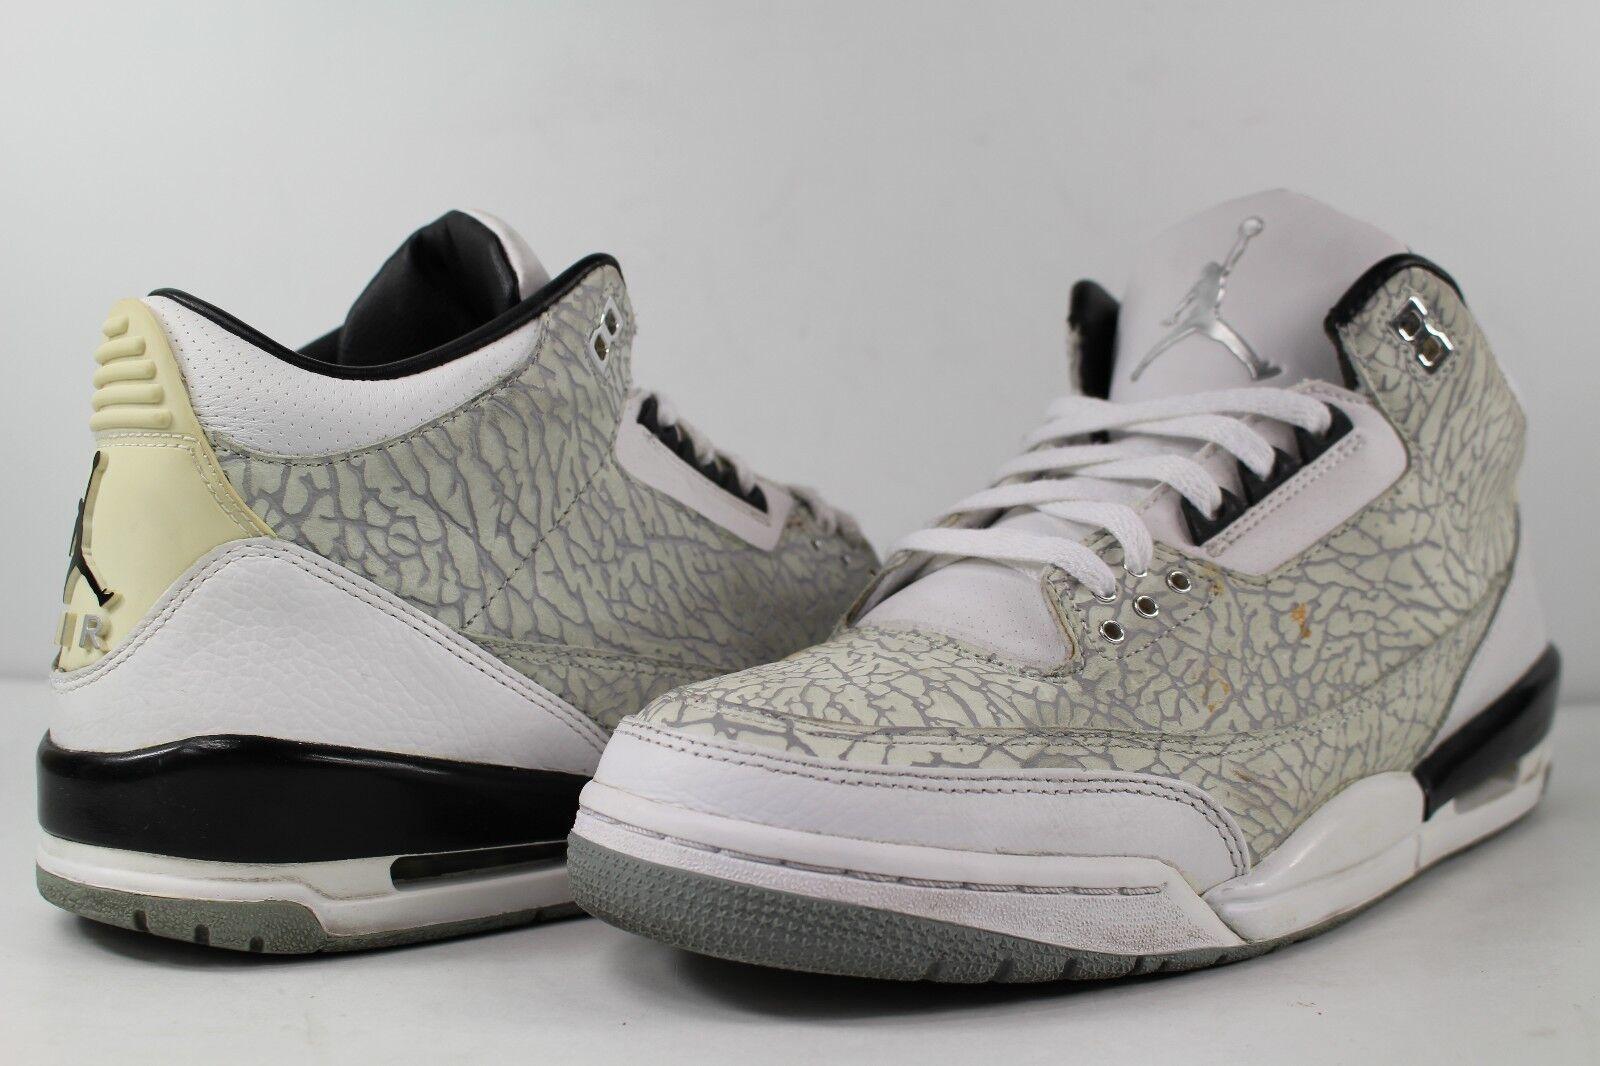 Nike air jordan retro di - iii - 3 di retro cemento bianco argento metallico di colore rosso molto 71e37c